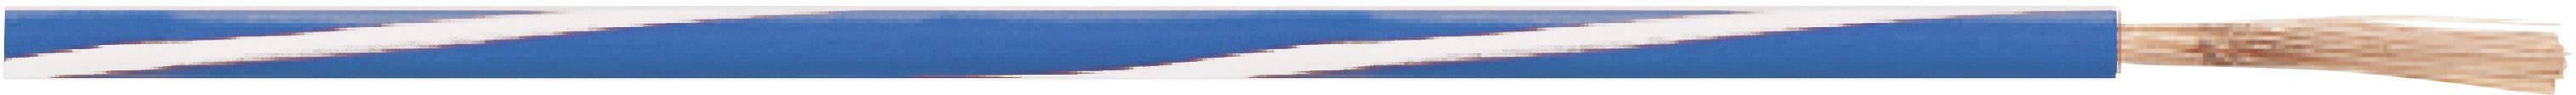 Pletenica X05V-K 1 x 0.50 mm, rdeča, črna LappKabel 4512401S cena za meter